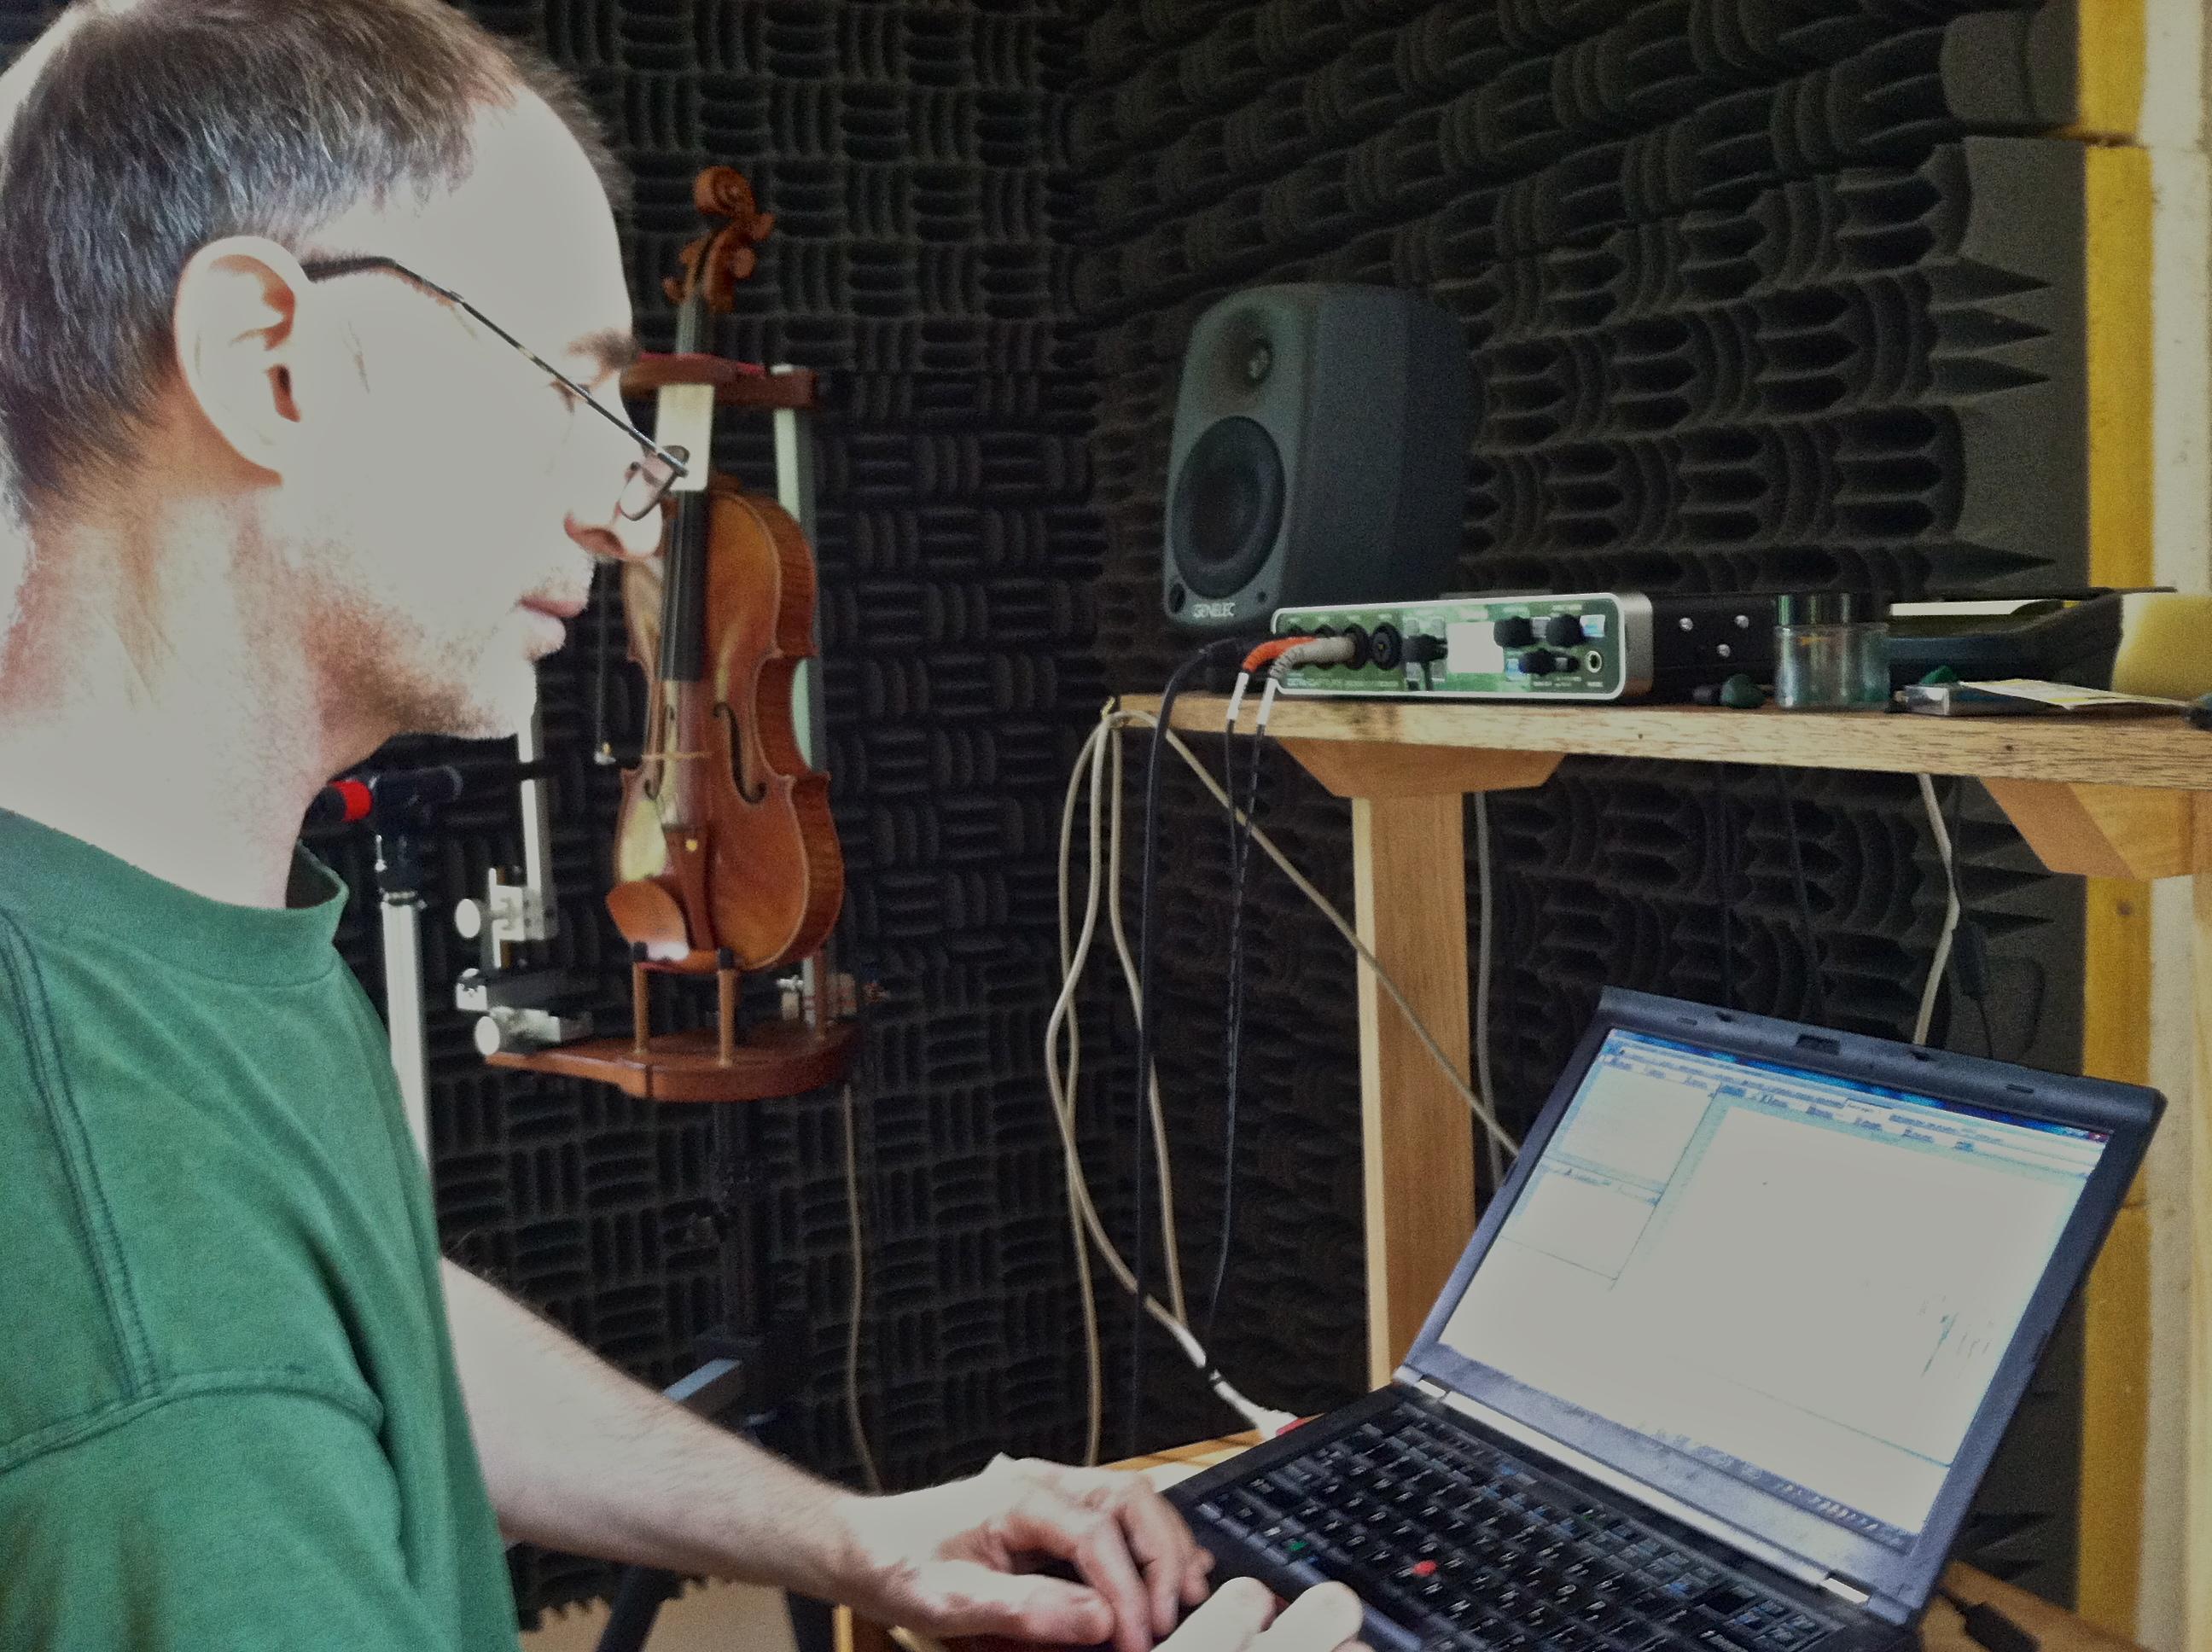 PRX » Piece » The Elusive Digital Stradivarius